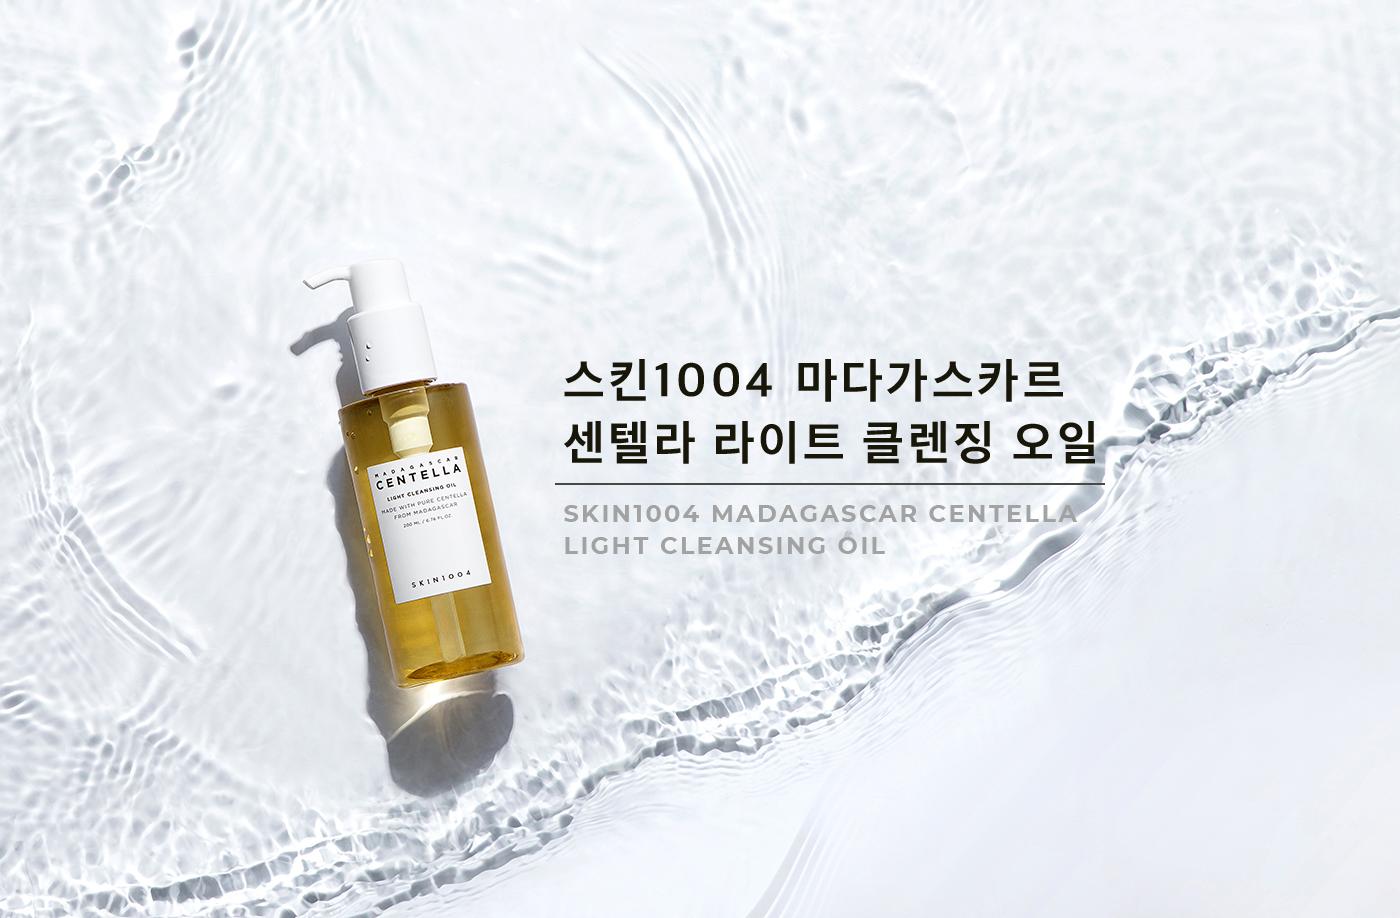 Dầu Tẩy Trang Chiết Xuất Rau Má Làm Sạch Sâu Da Skin1004 Madagascar Centella Light Cleansing Oil